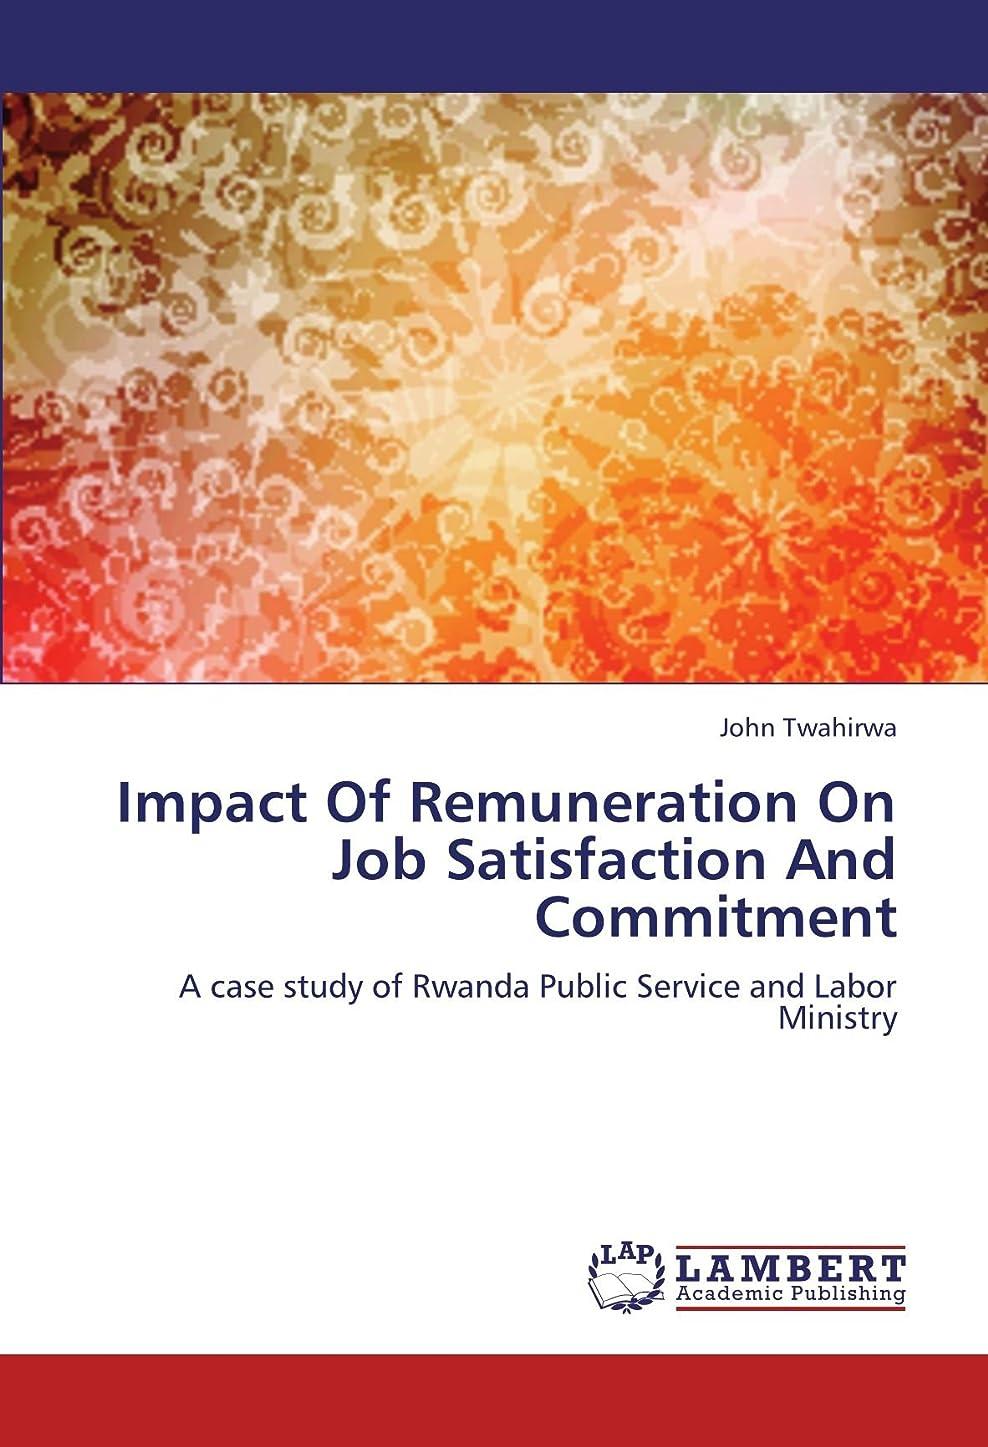 静かに常識地域Impact of Remuneration on Job Satisfaction and Commitment